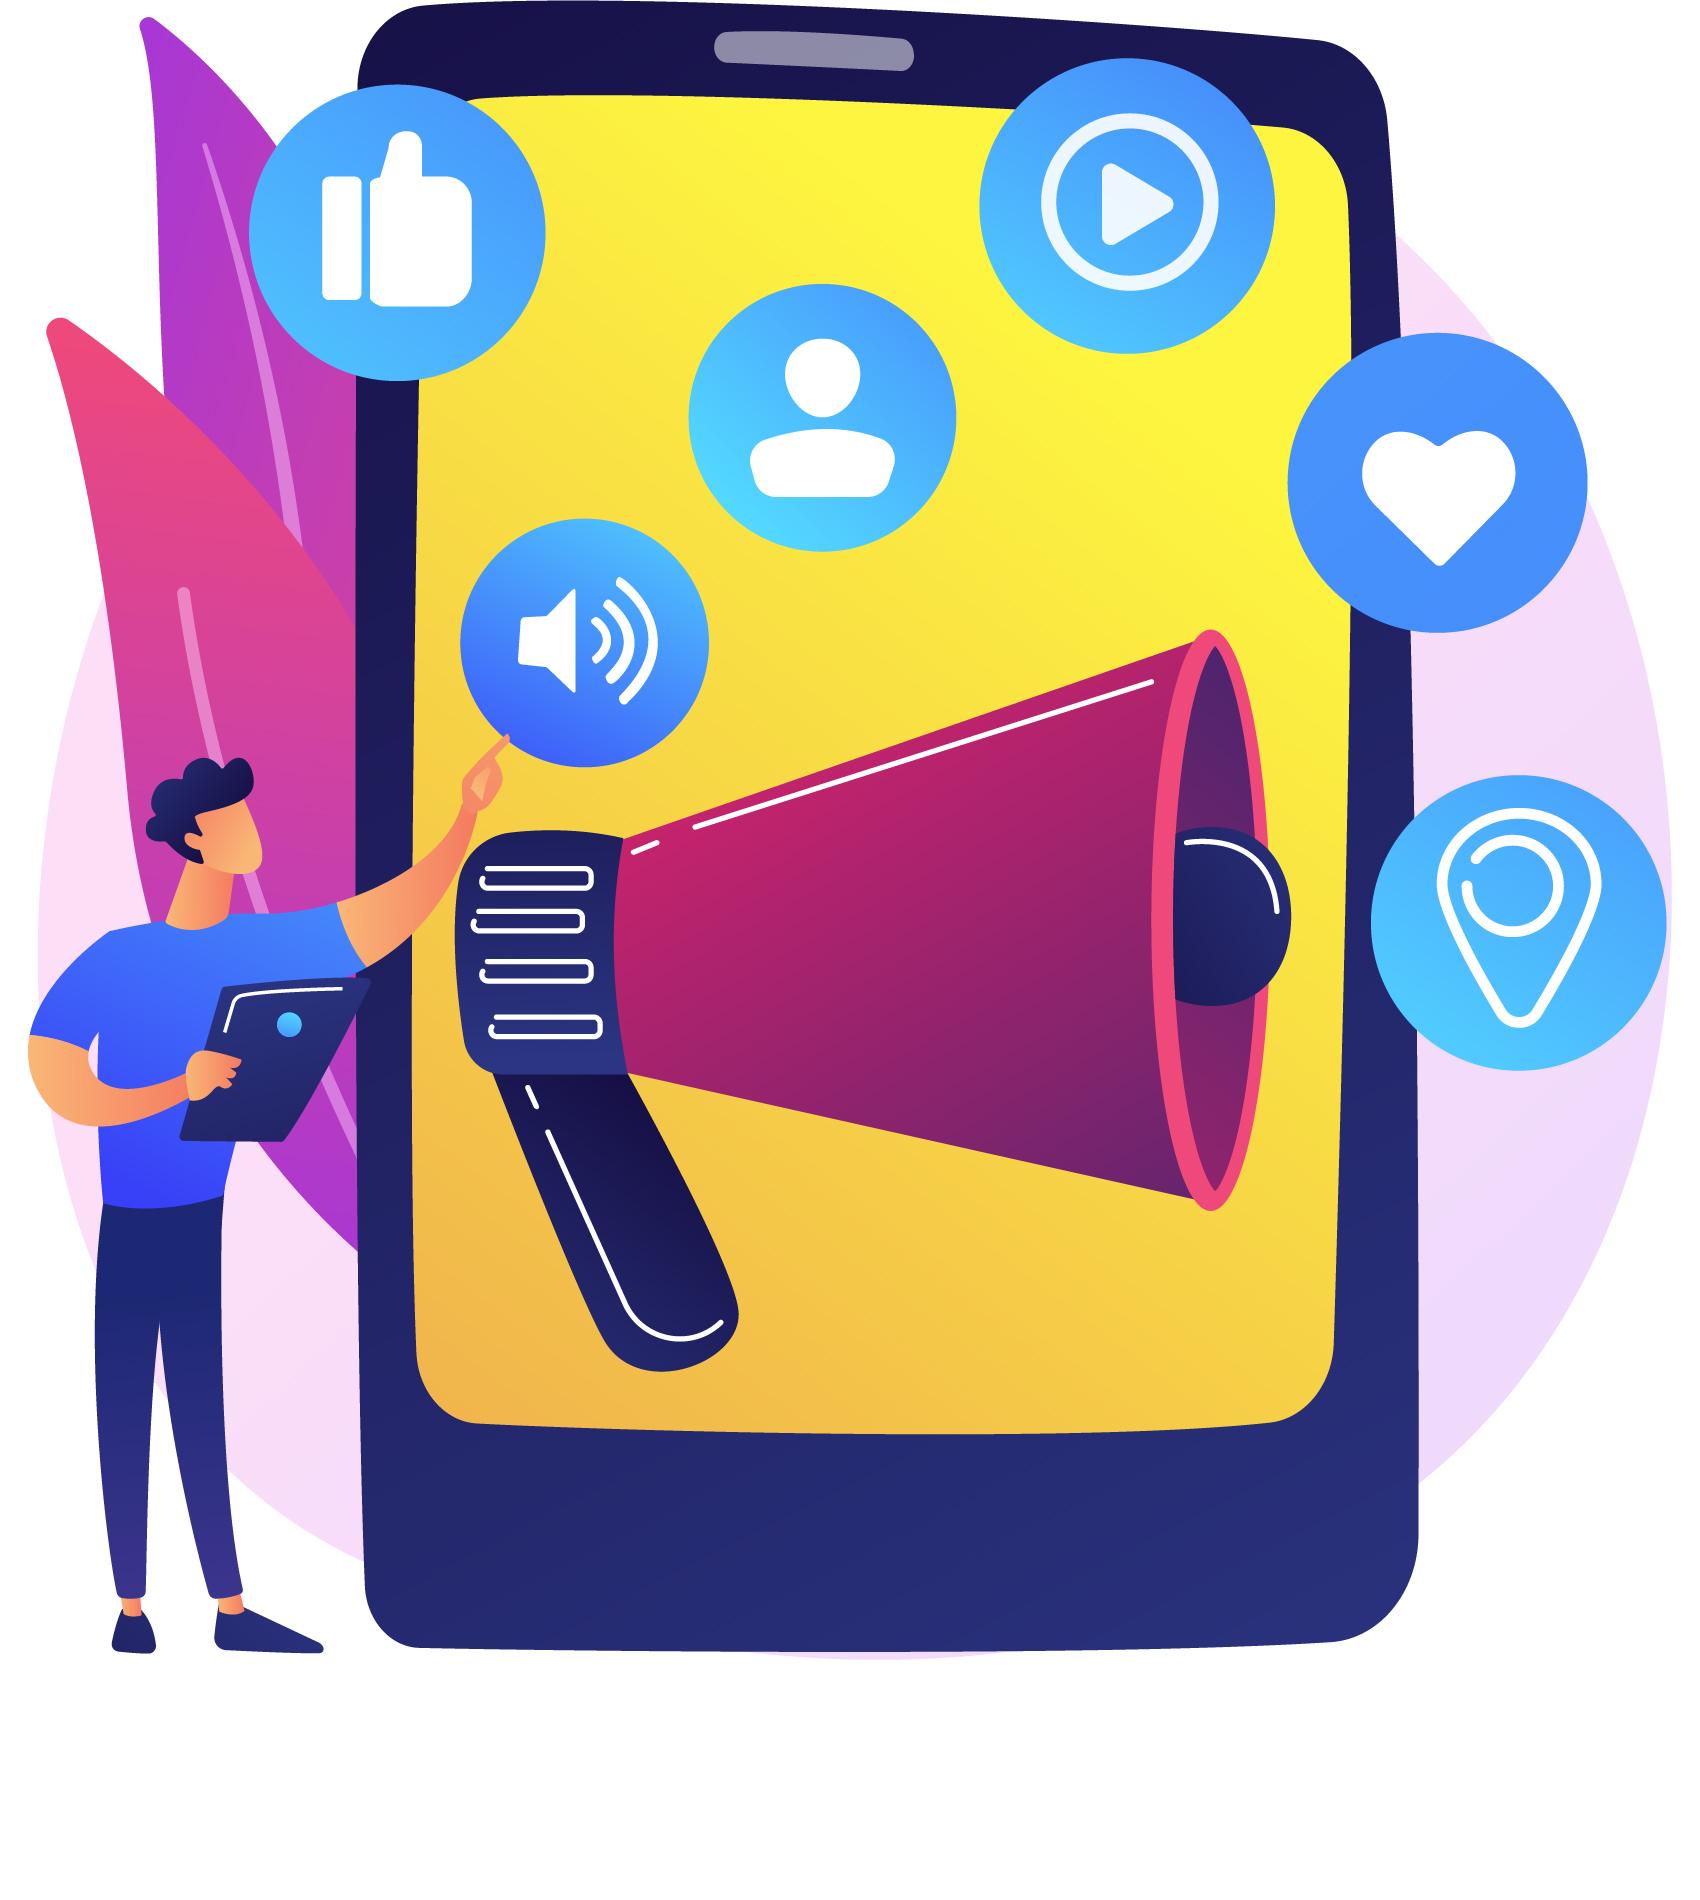 jm-socialmedia-200